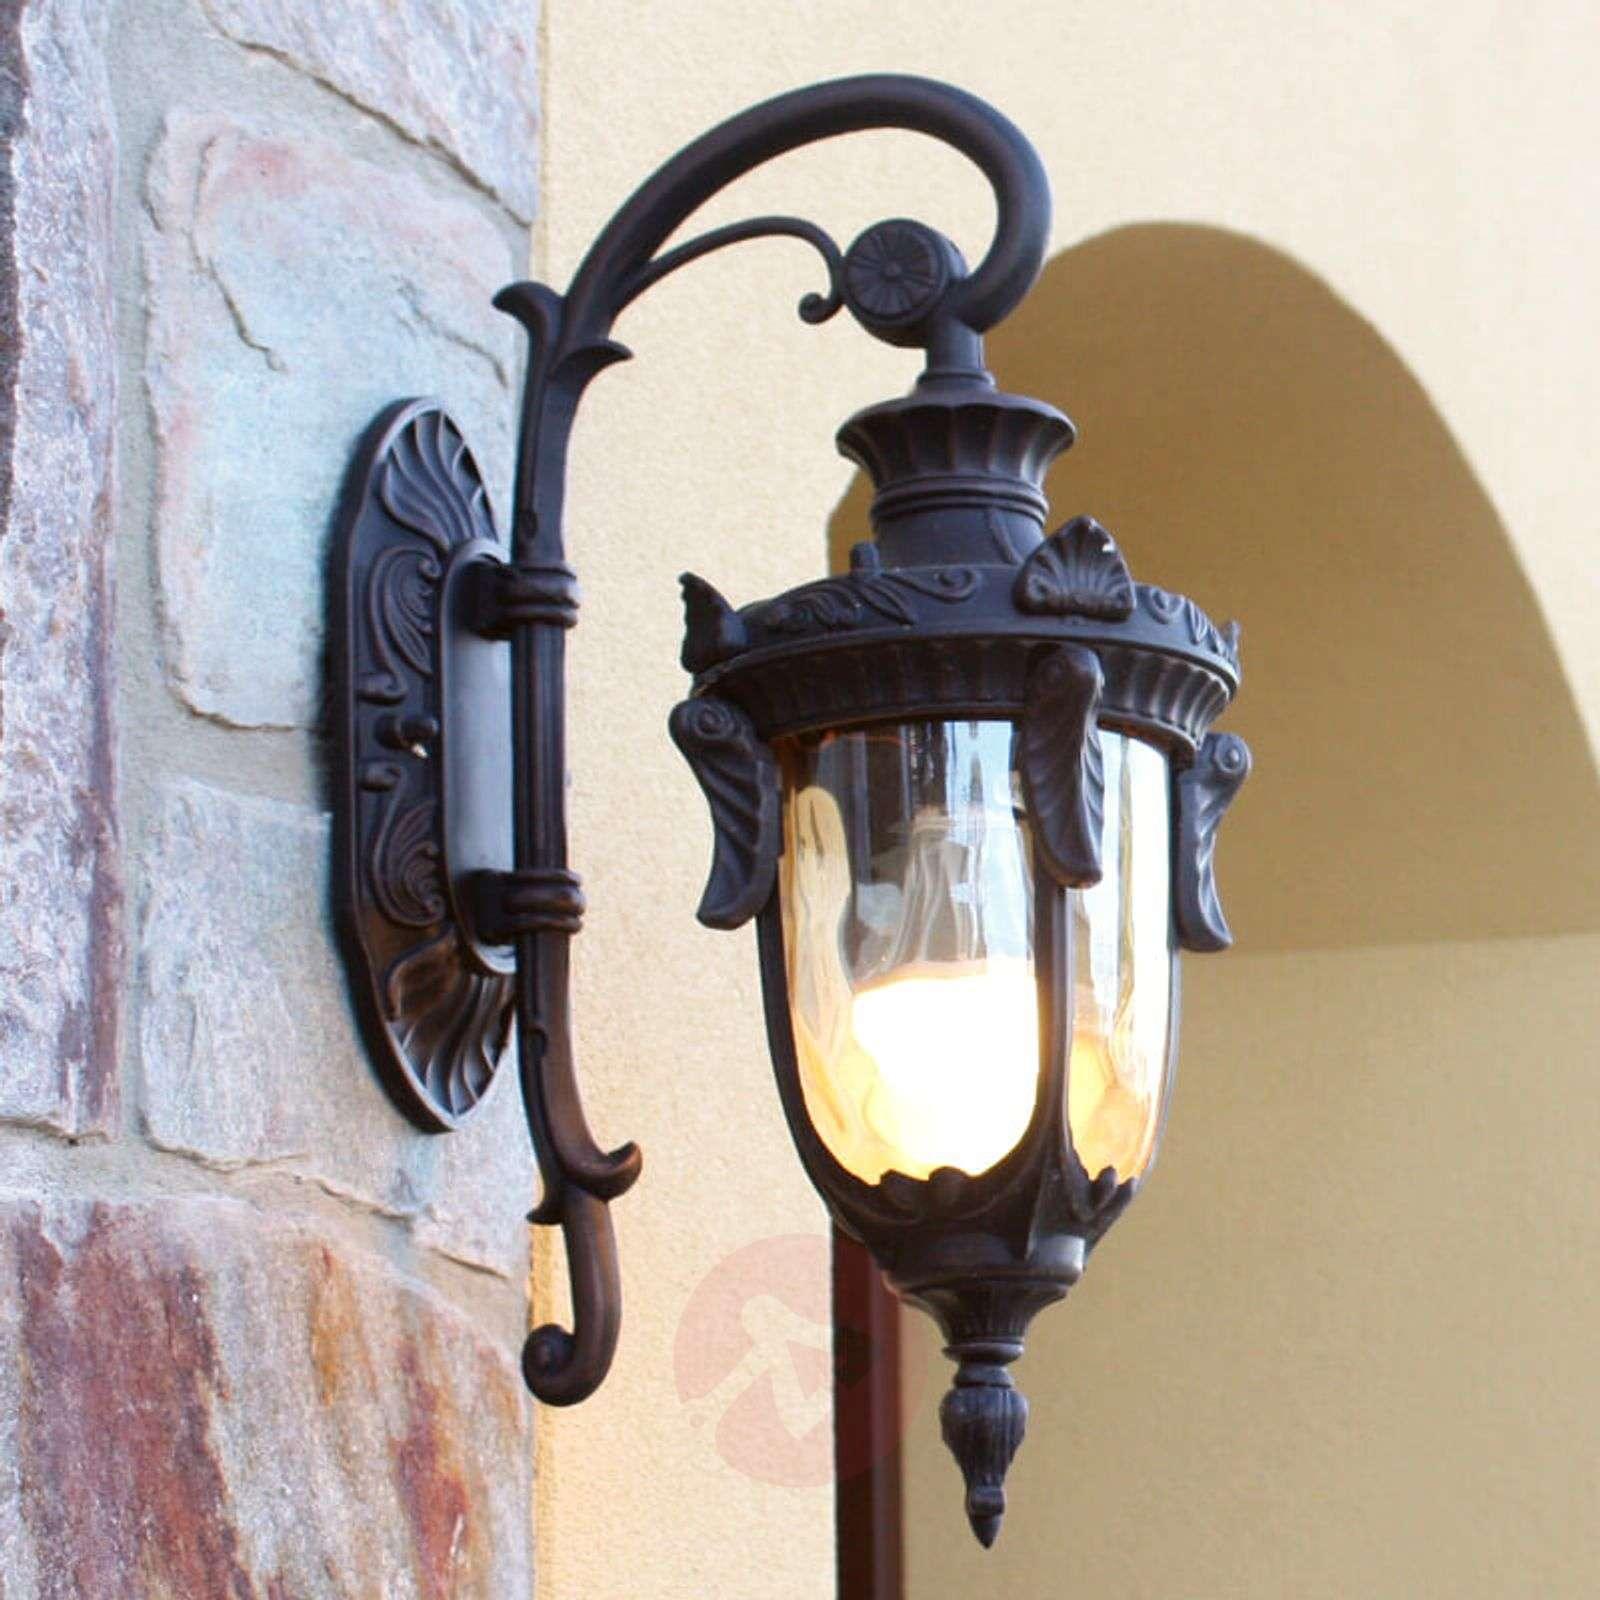 Philadelphia Outside Wall Light-3048179X-01